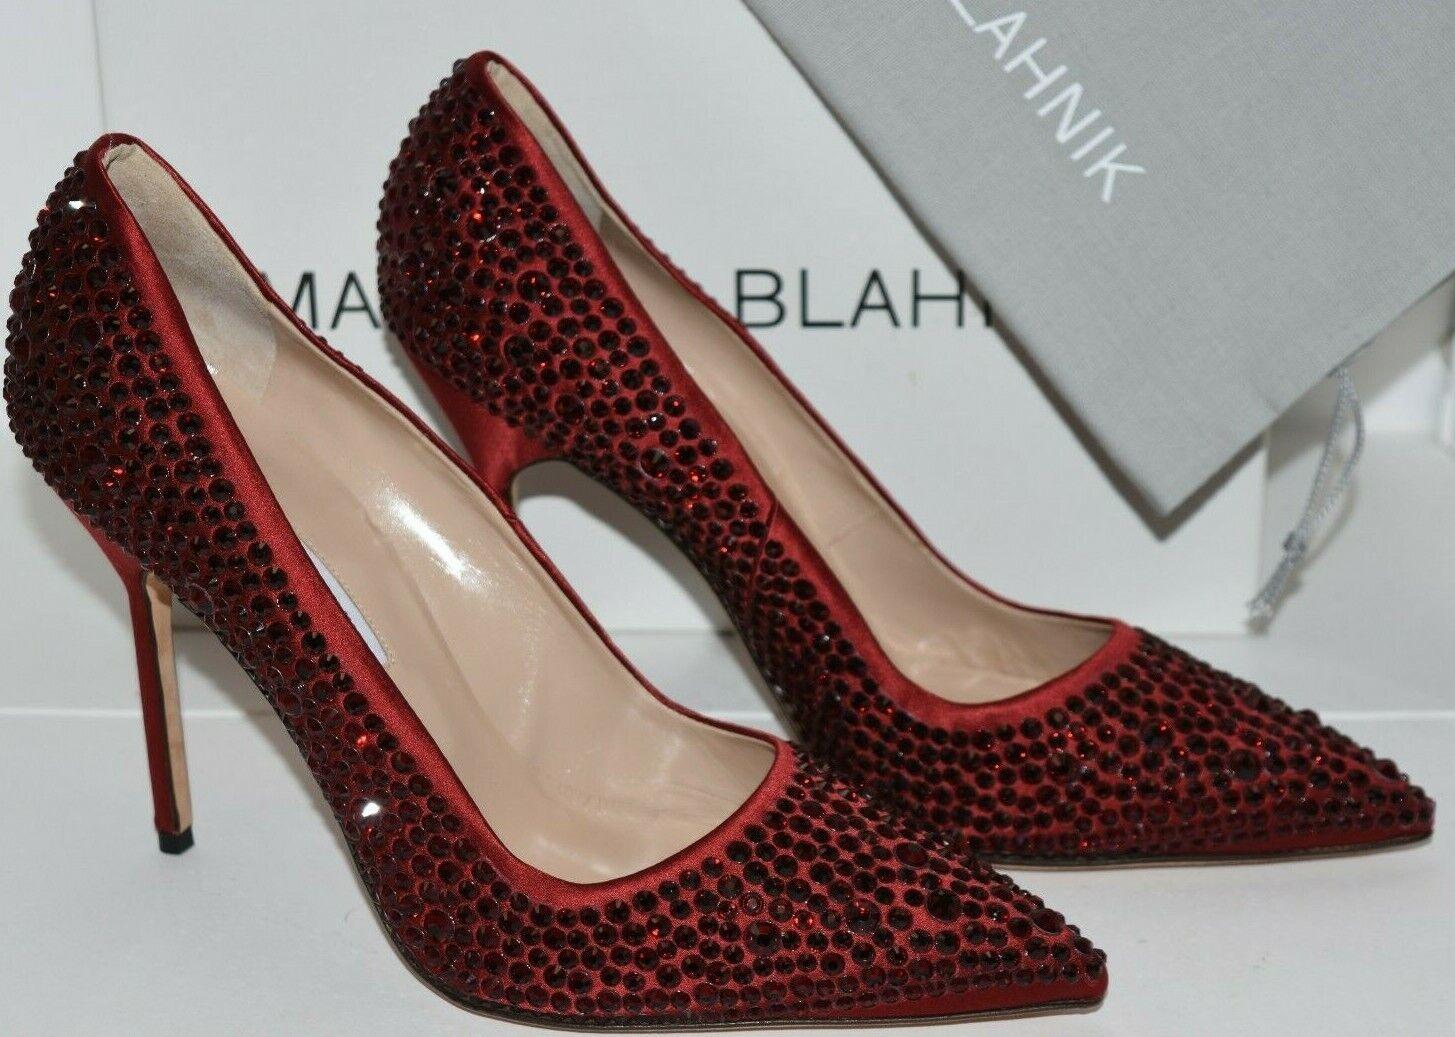 Neu Manolo Blahnik Bb Siam 105 Rot Satin Ferse Jeweled Kristall Pumps 40.5